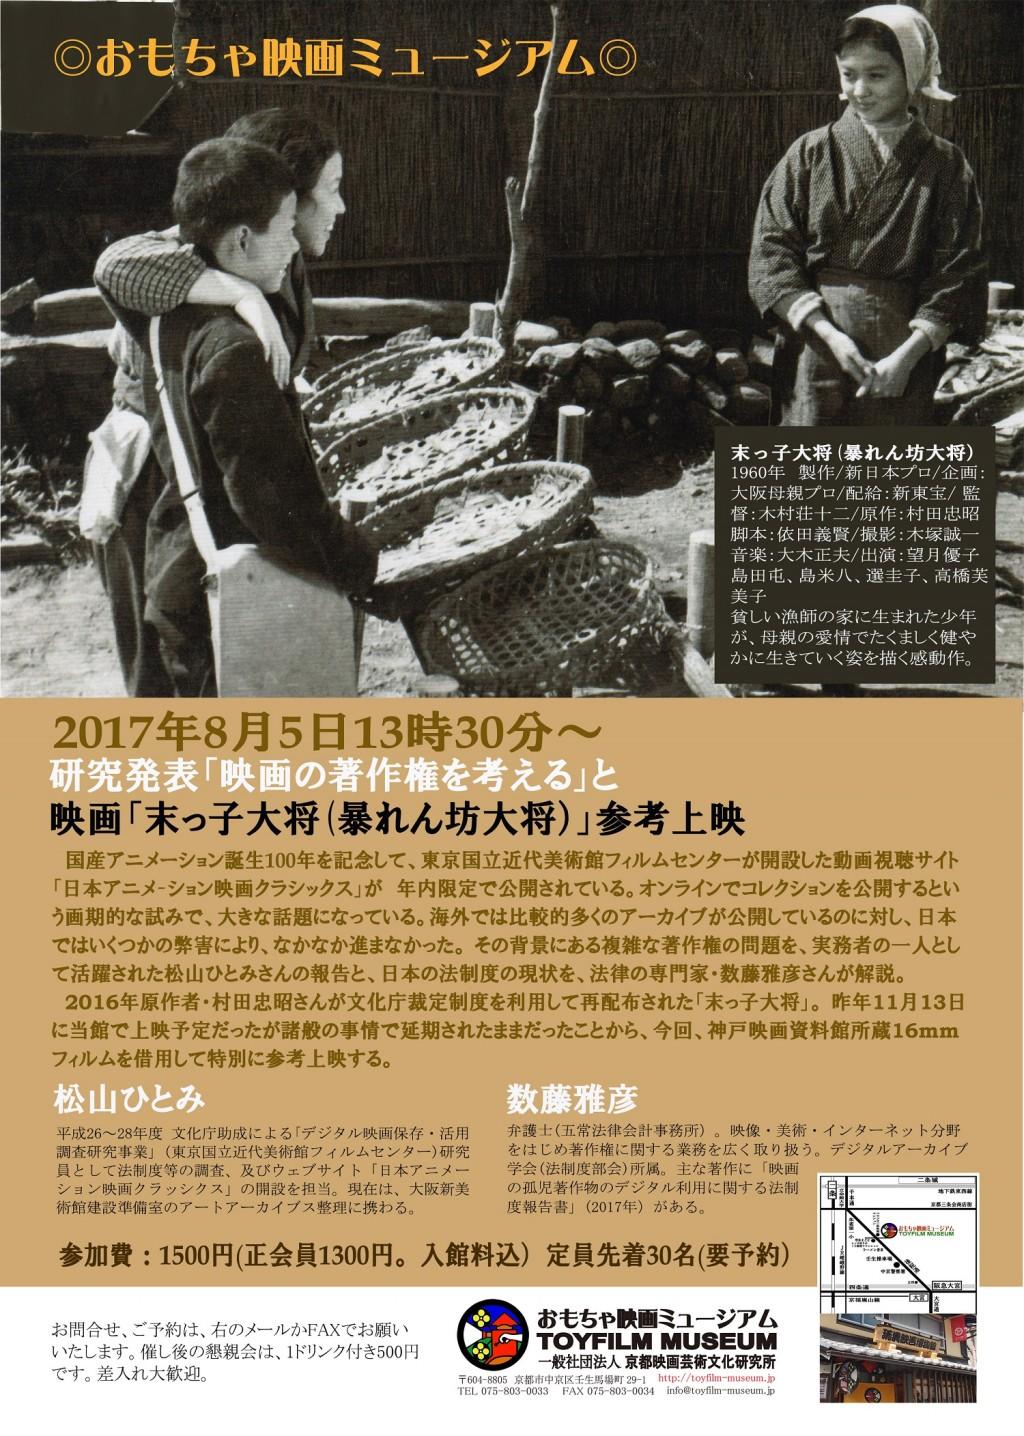 8月5日、研究発表「映画の著作権を考える」と参考上映『末っ子大将 ...